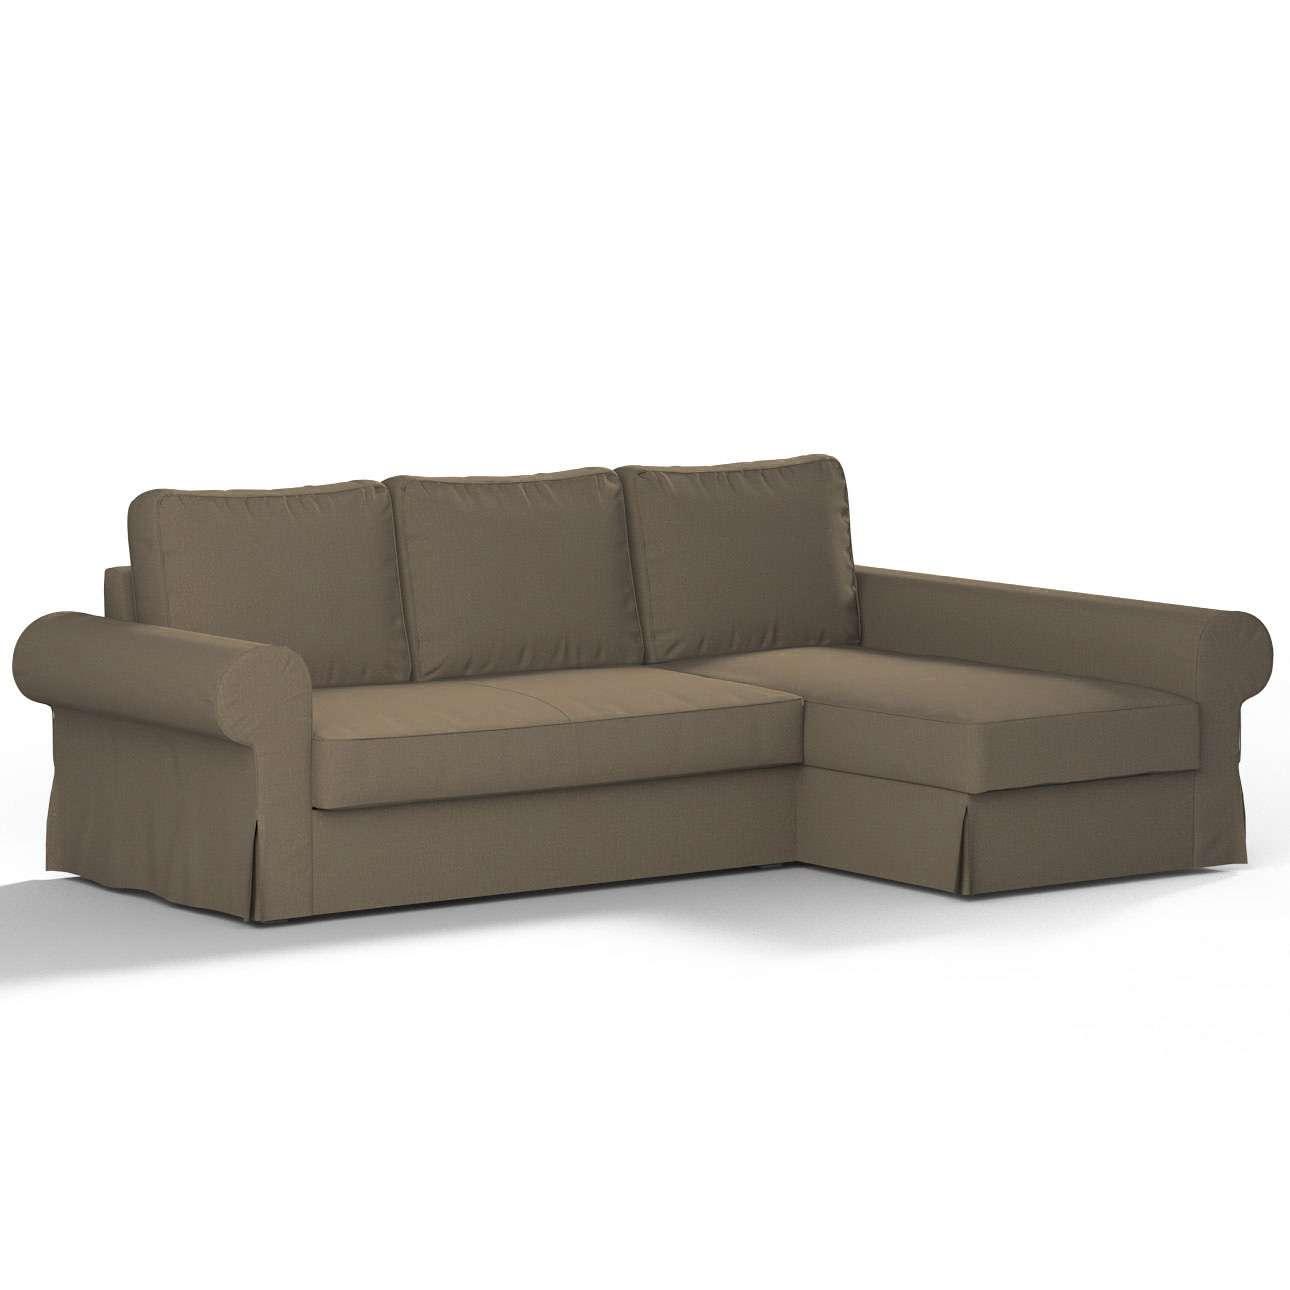 Pokrowiec na sofę Backabro rozkładaną z leżanką sofa Backabro rozkładana z leżanką w kolekcji Chenille, tkanina: 702-21